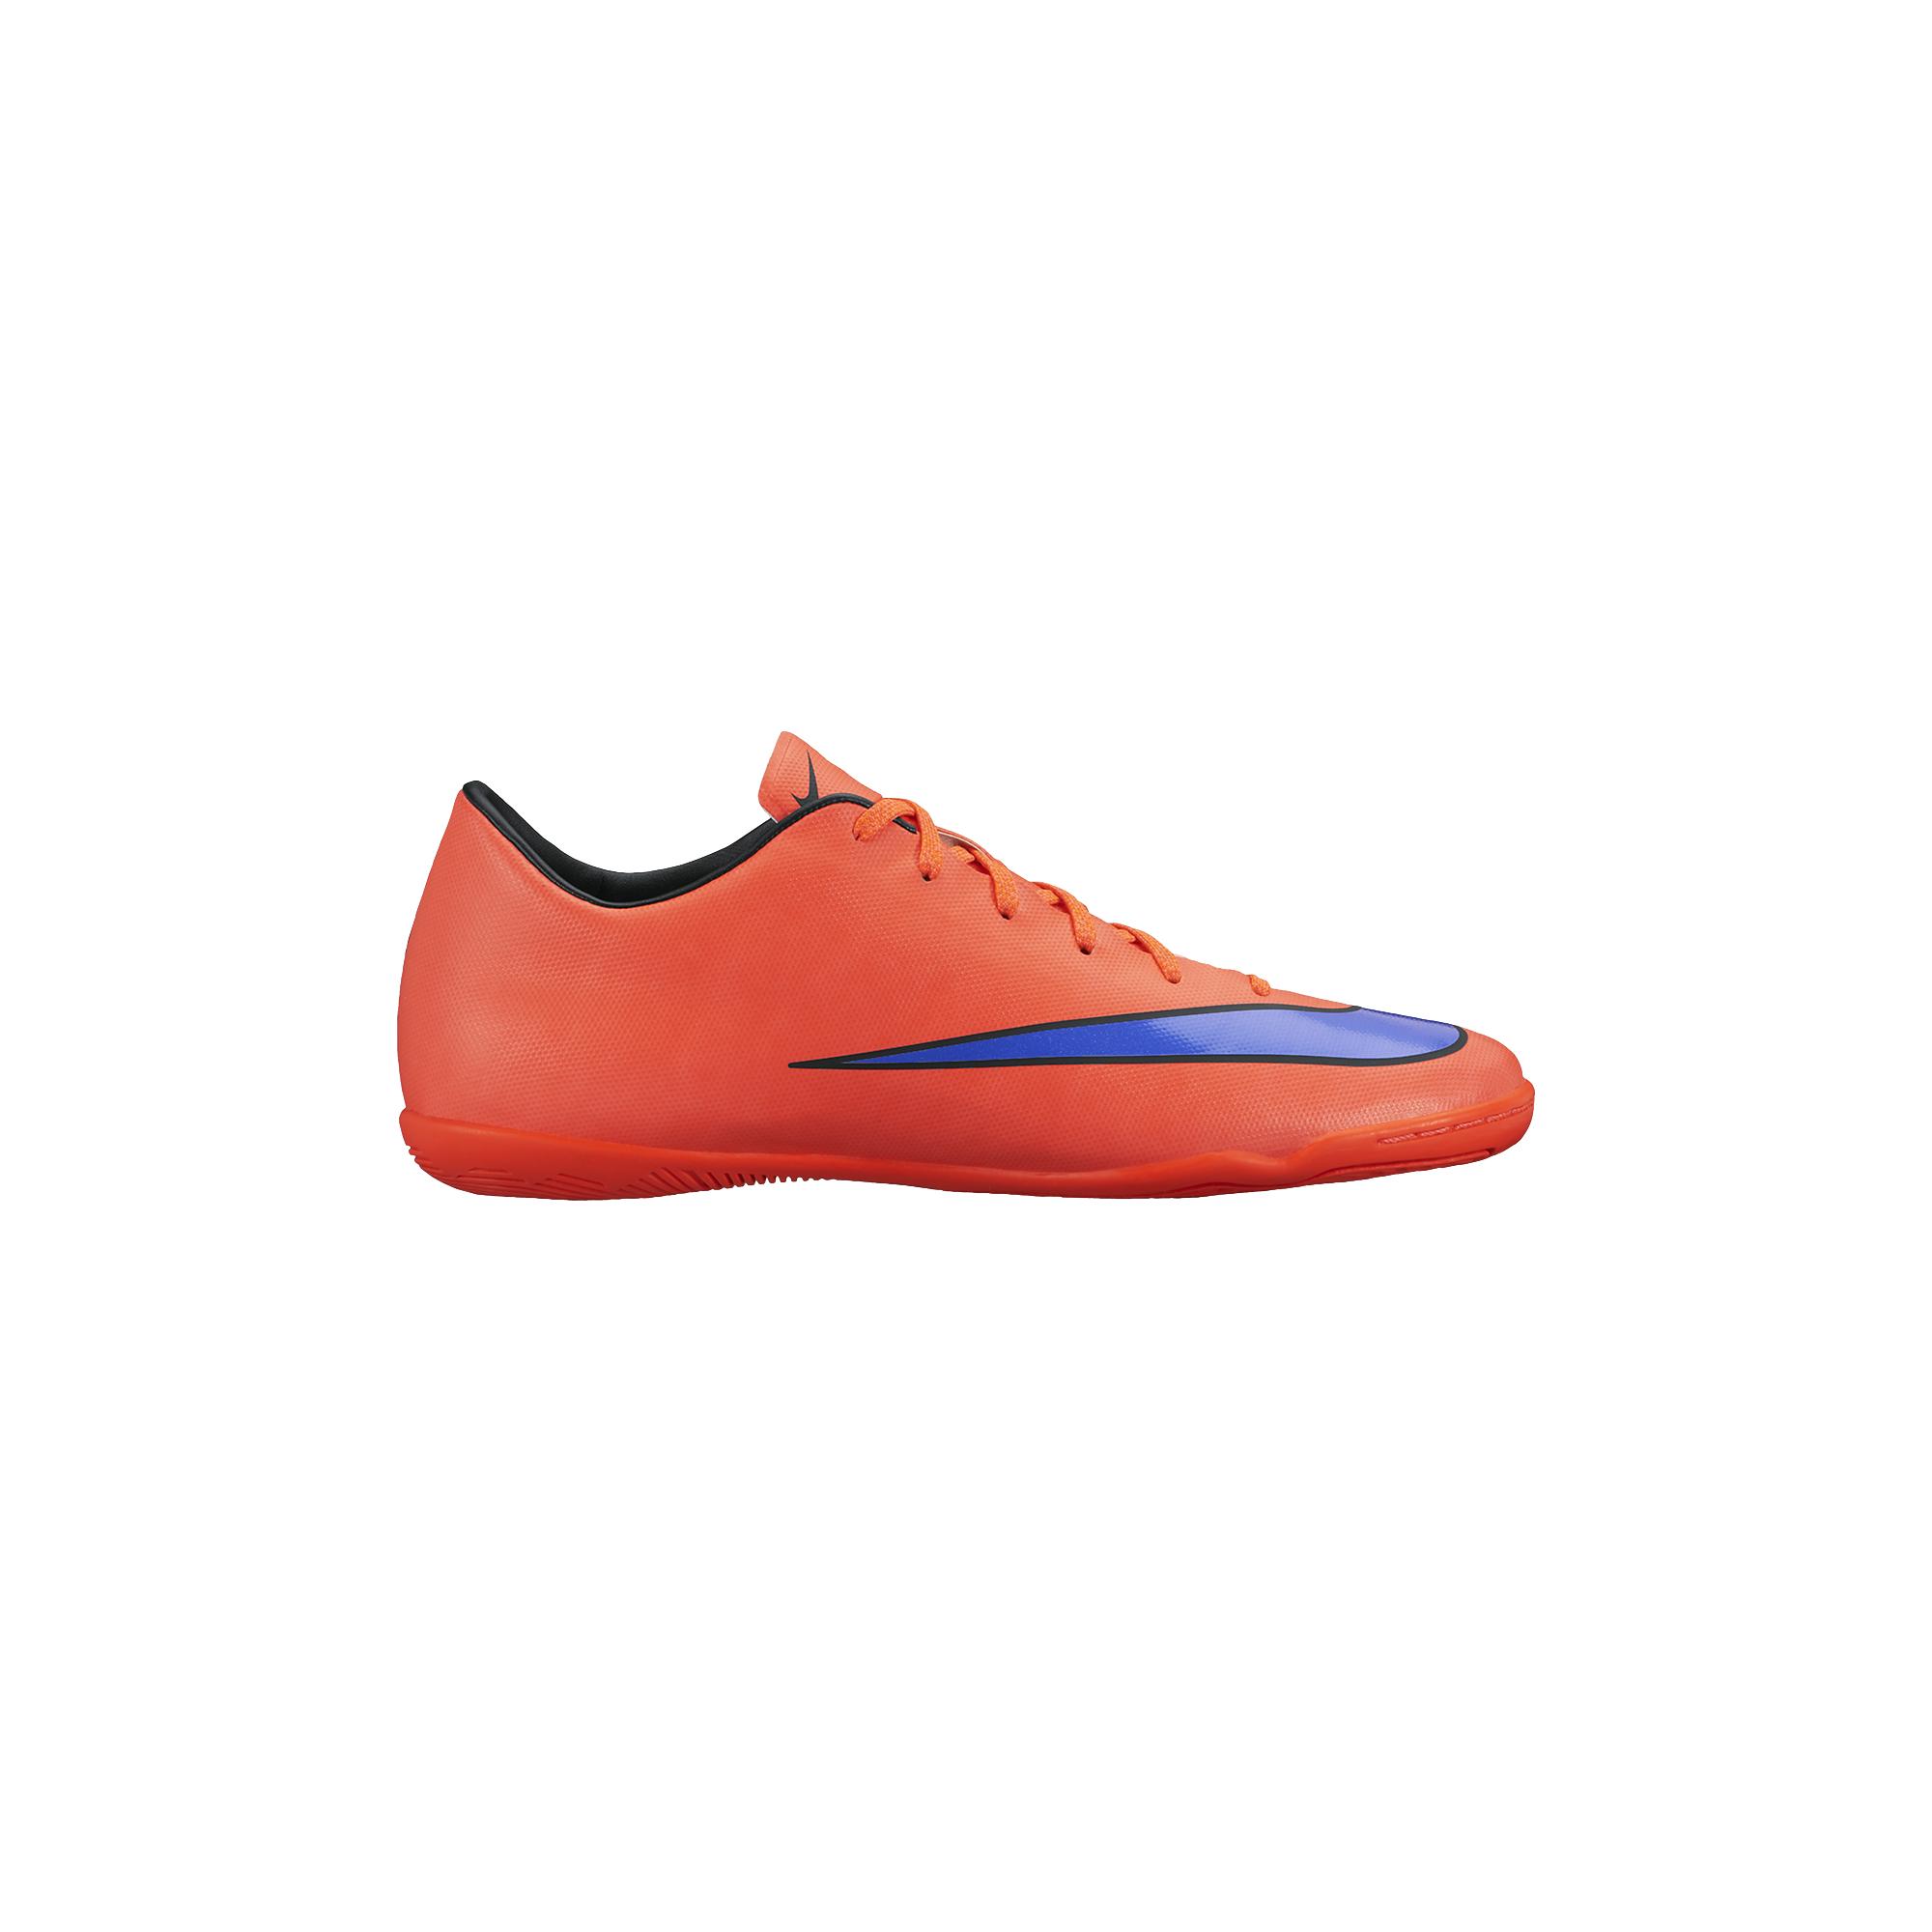 Nike Mercurial Victory V IC FÉrfi Foci CipŐ 651635-650 Férfi Cipo foci- 326f665f8e